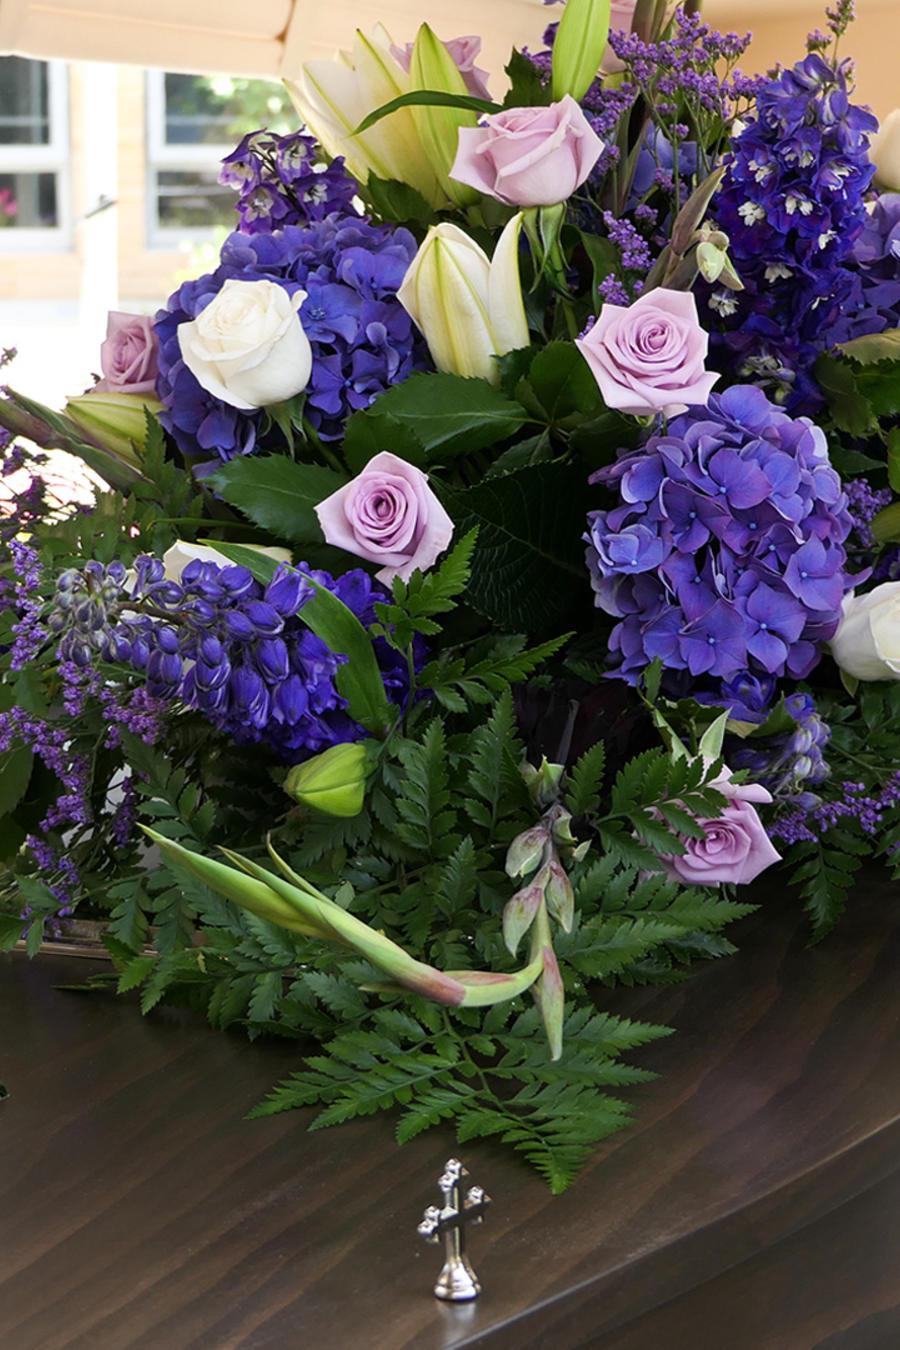 Un ataúd con flores en una imagen creativa.